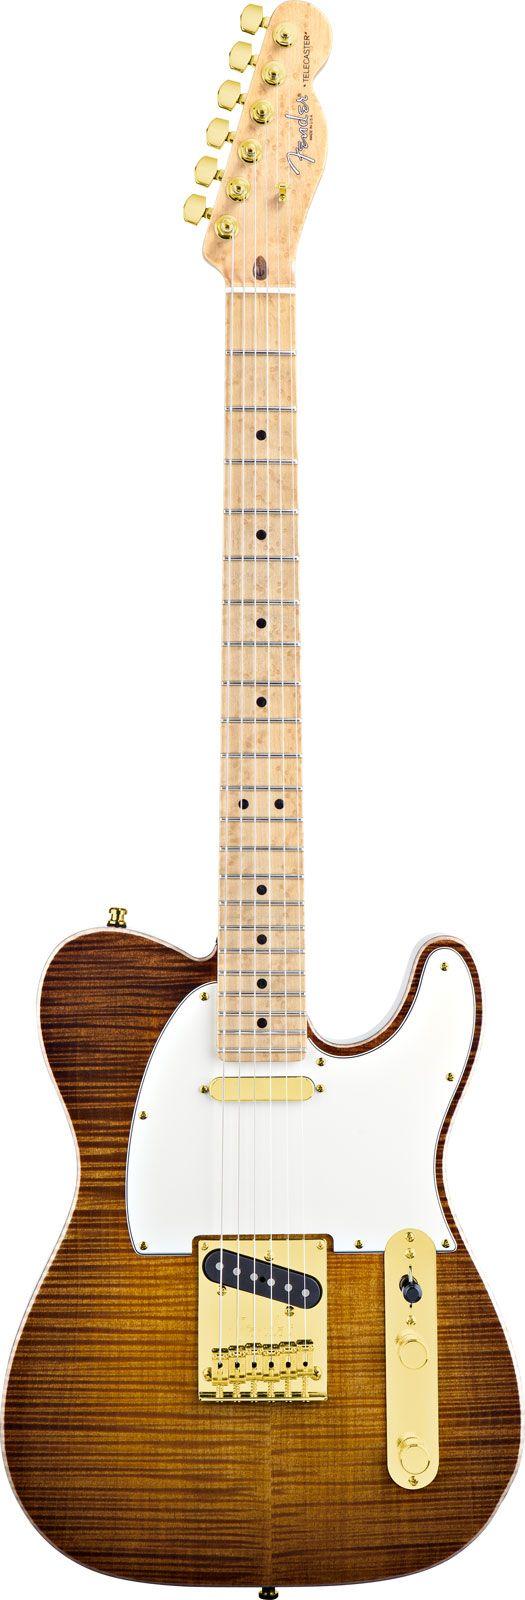 Fender Select Telecaster Violin Burst Gold guitare électrique? Achetez moins cher. ✔ Vente instruments de musique ✔ Garantie du meilleur prix ✔ Garantie de 3 ans ✔ Gamme énorme